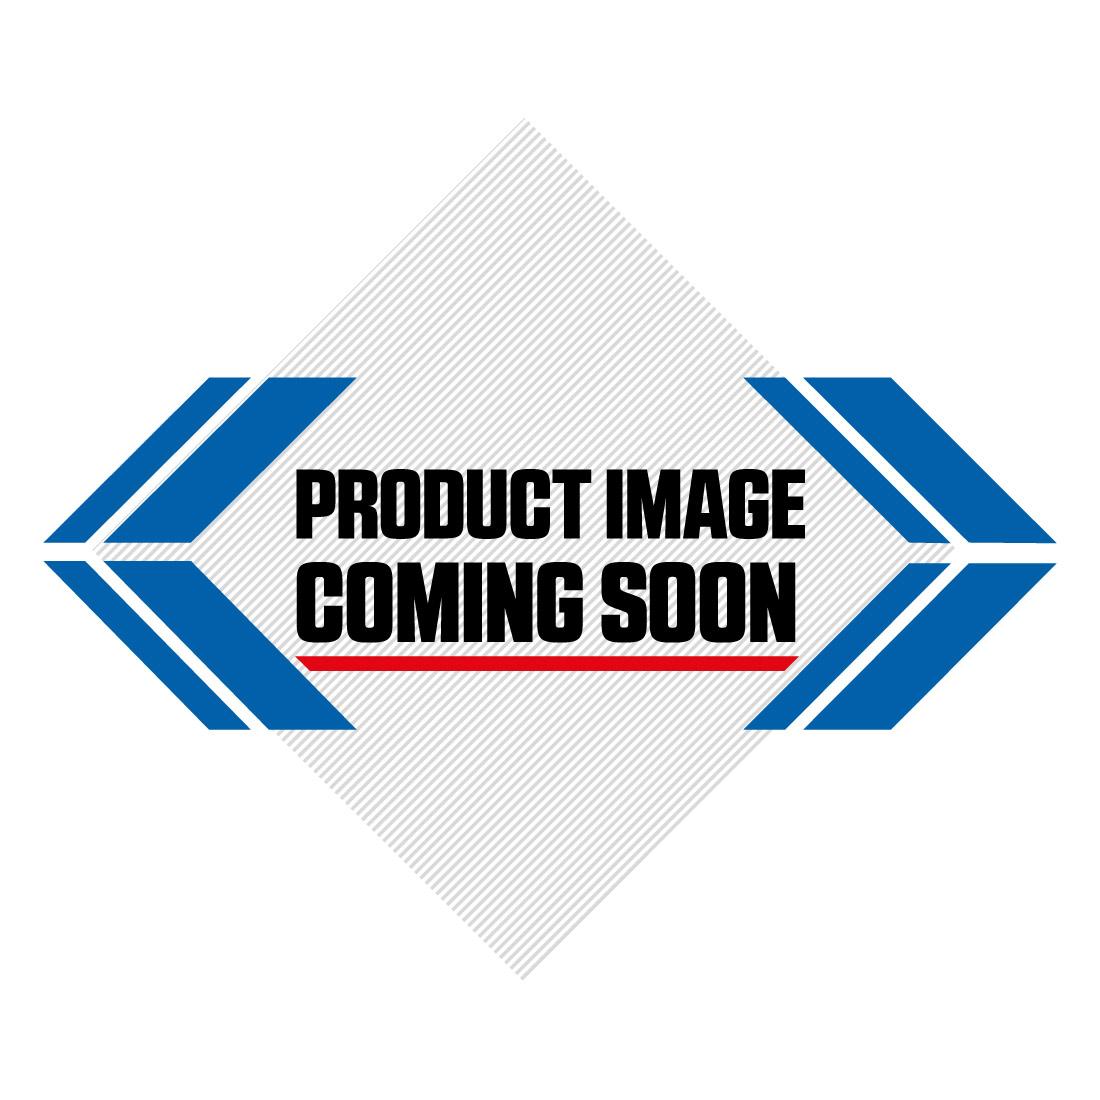 Kawasaki Plastic Kit KX 85 (01-09) (11-12) Black Image-4>